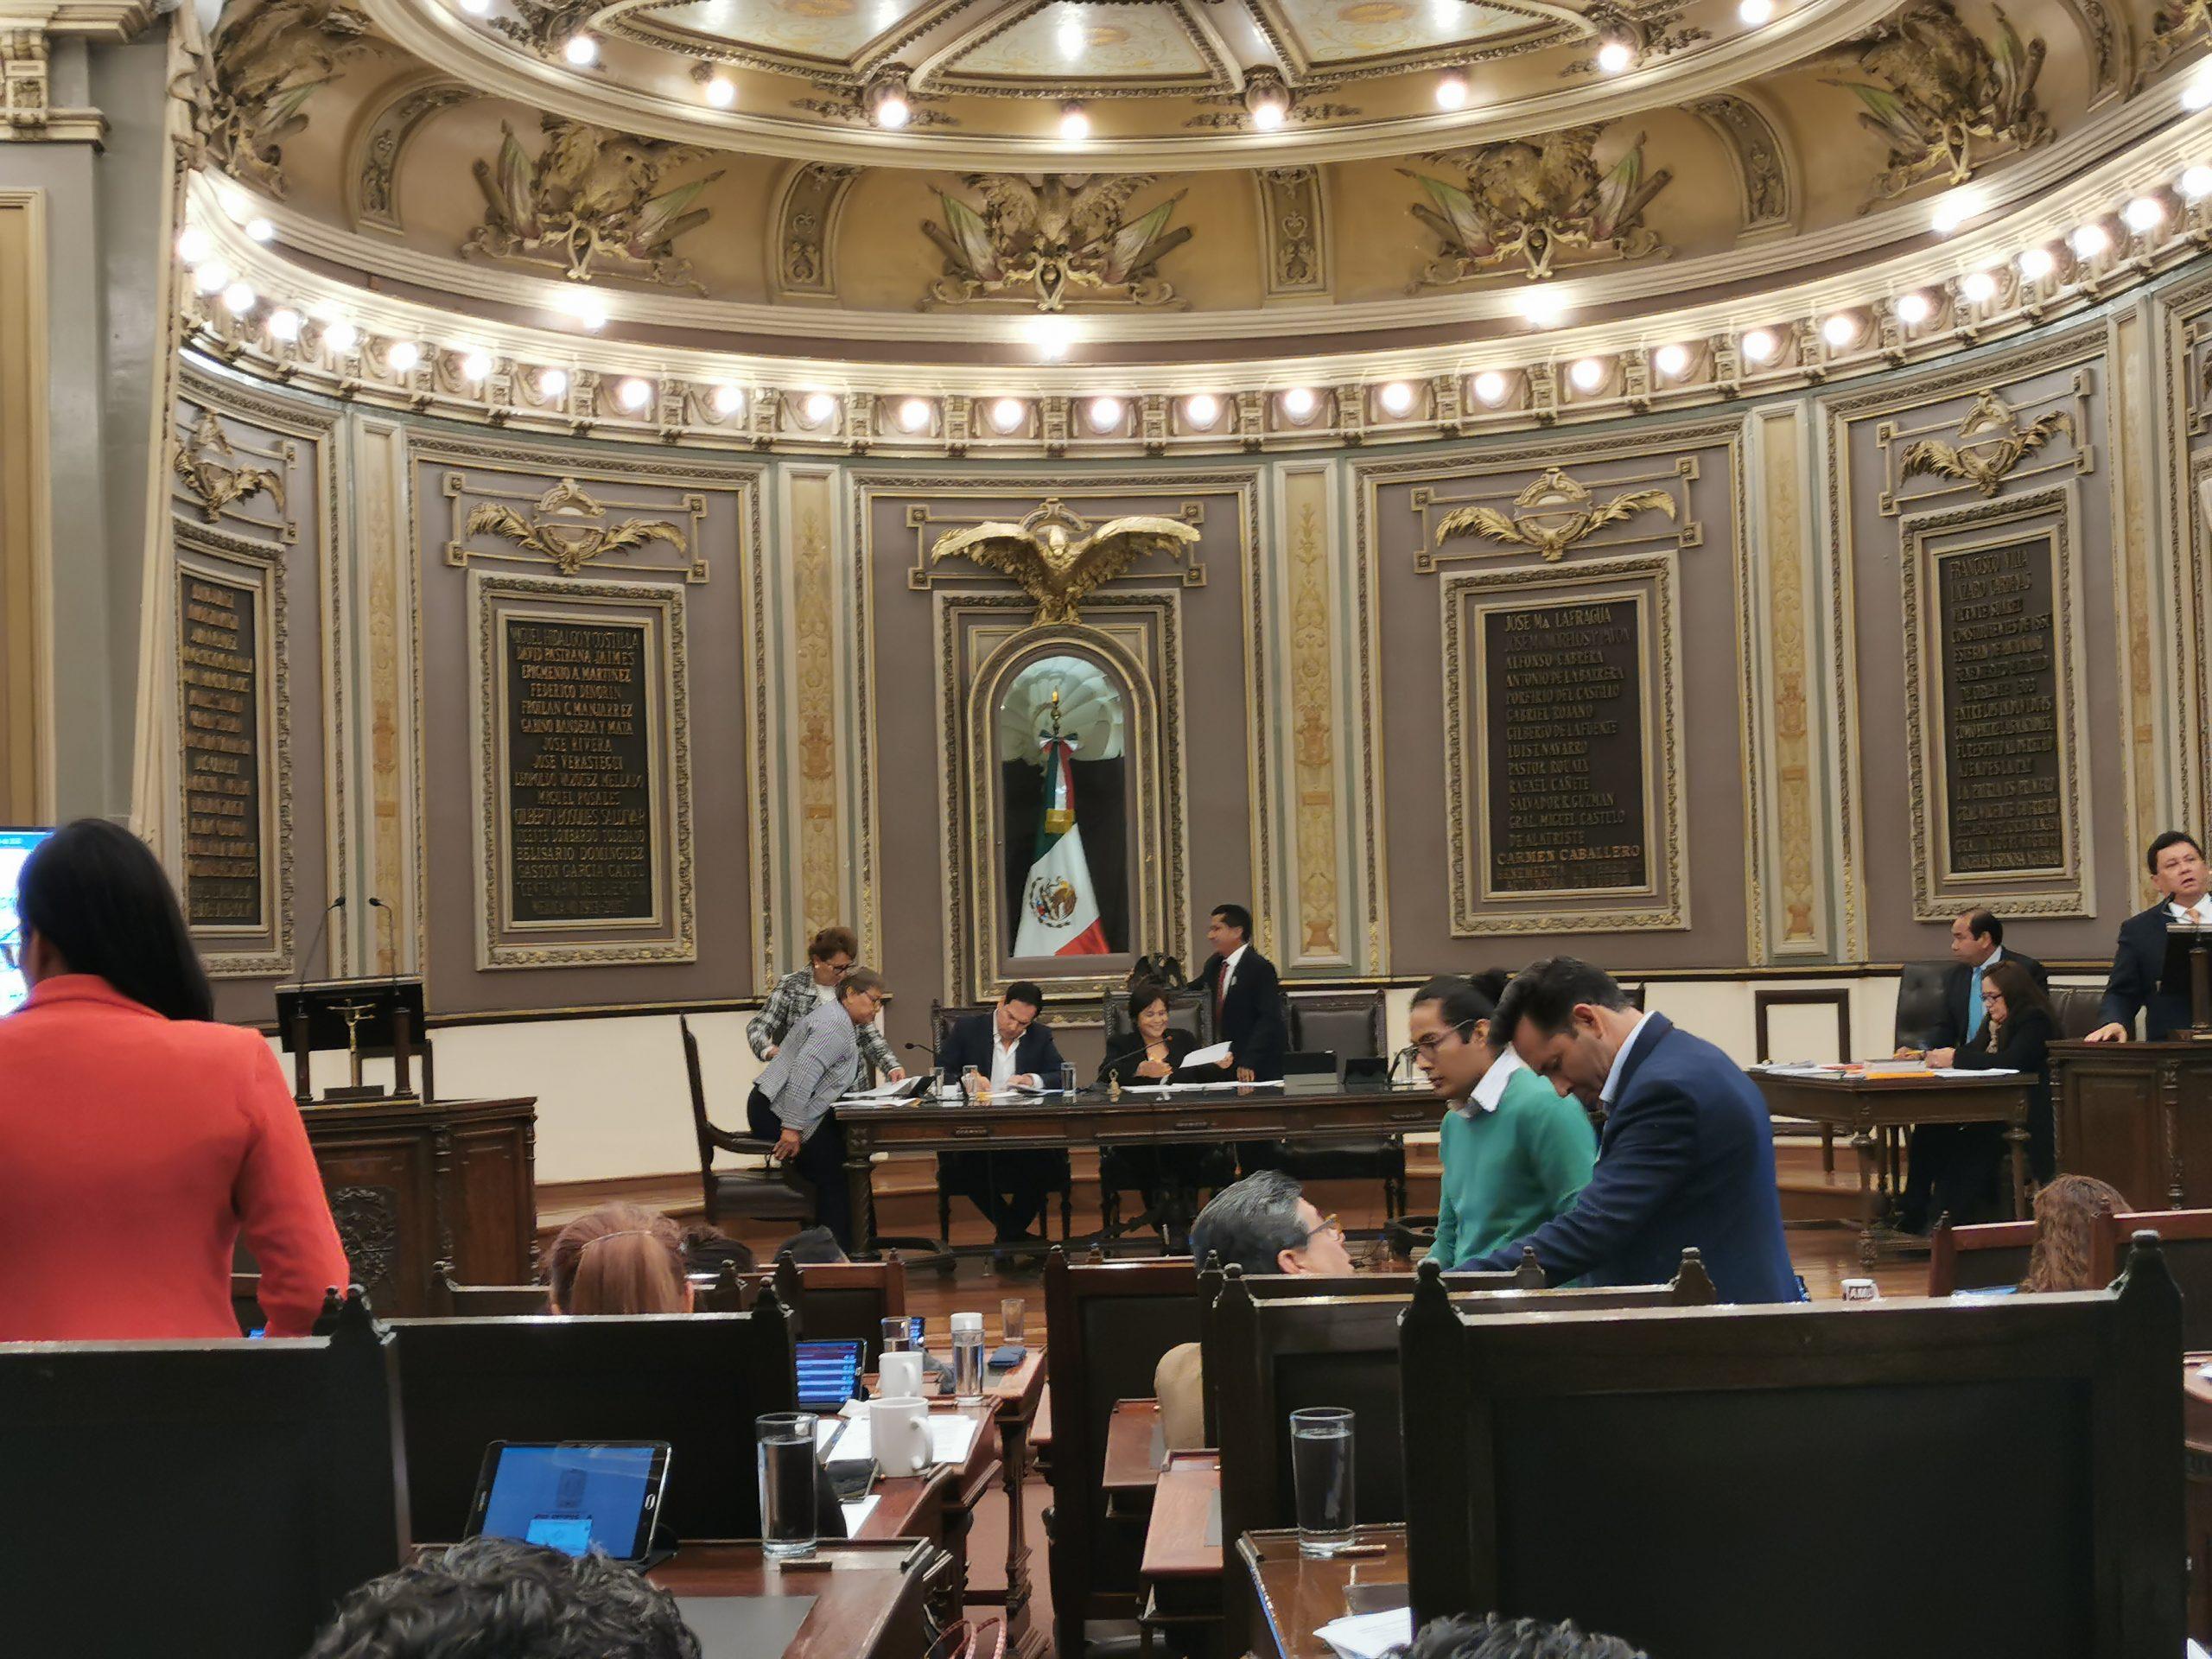 POR UNANIMIDAD , ACEPTA PLENO DEL CONGRESO LA RENUNCIA DE VÍCTOR CARRANCÁ BOURGET AL CARGO DE FISCAL GENERAL DEL ESTADO